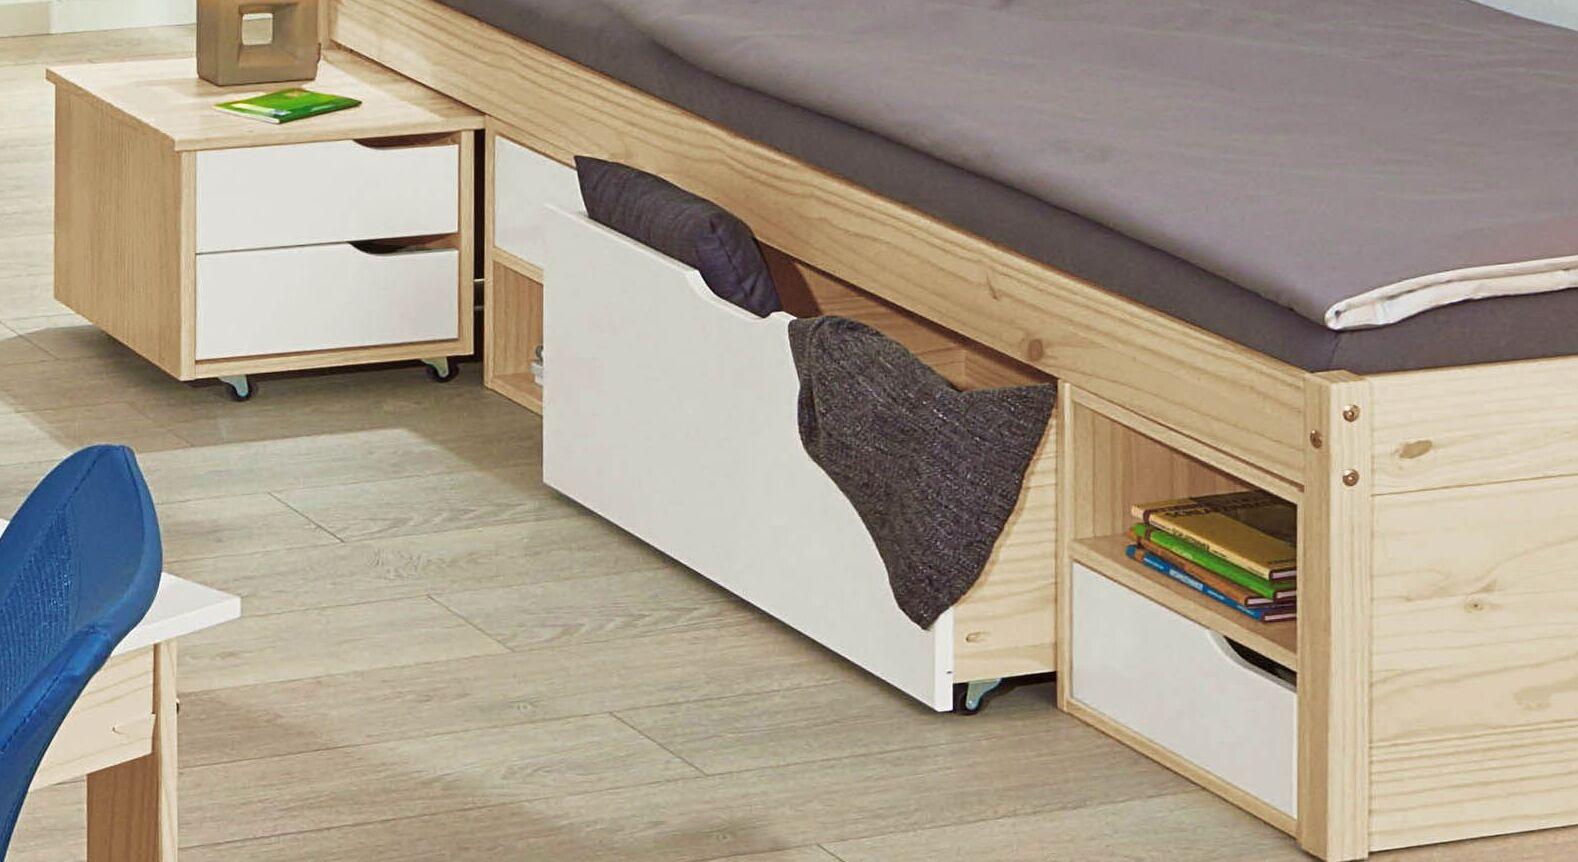 jugendbett mit schubkasten inklusive nachttisch aus kiefer. Black Bedroom Furniture Sets. Home Design Ideas